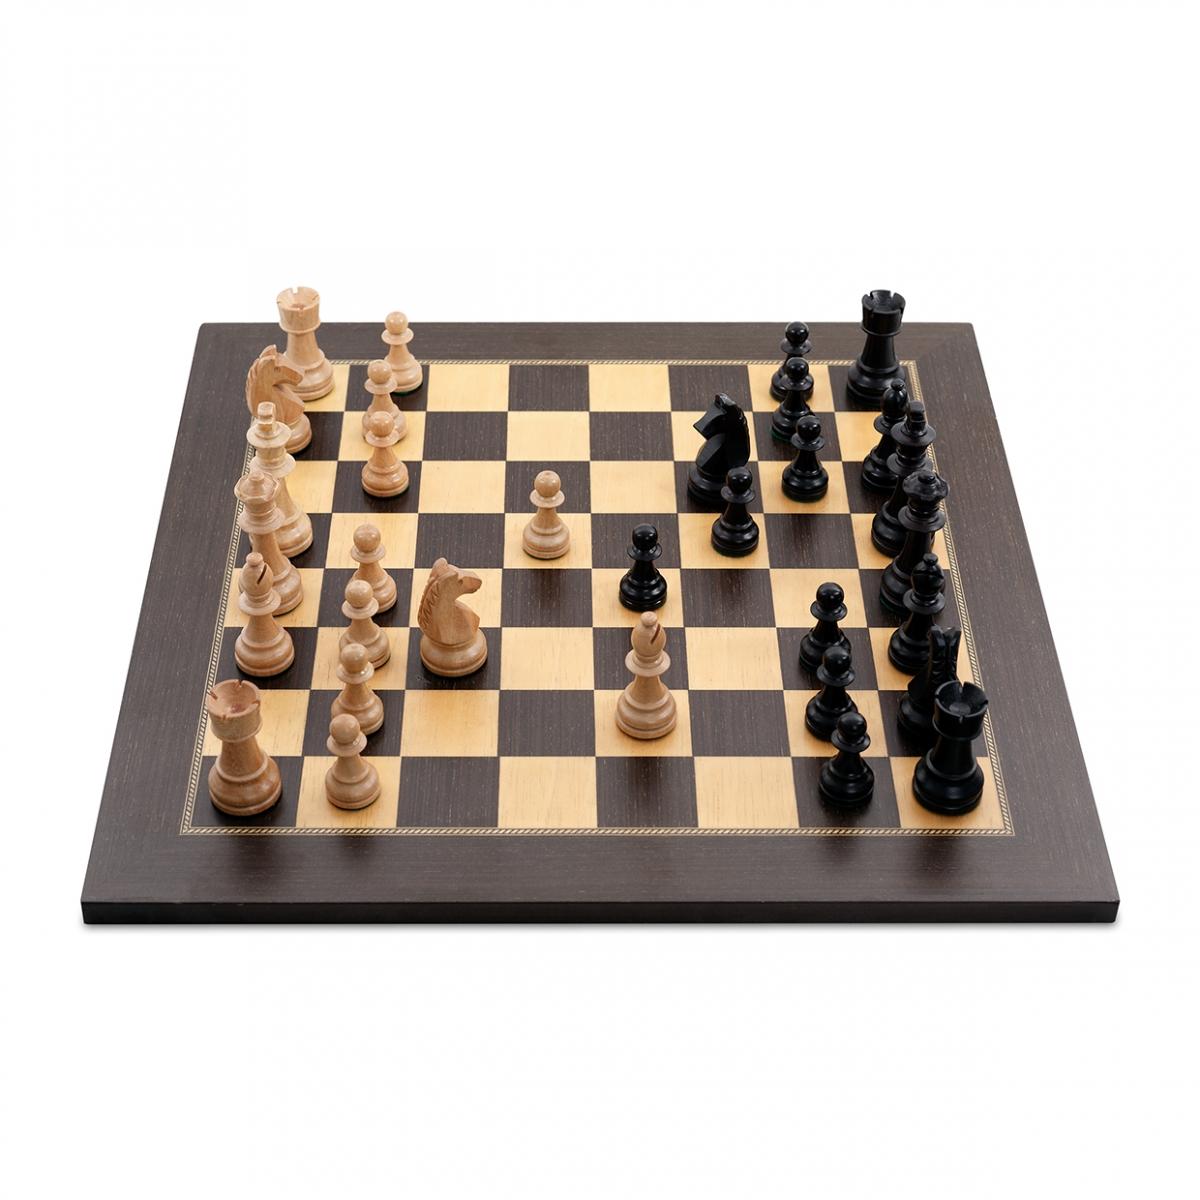 Imagen en la que sale el juego del ajedrez